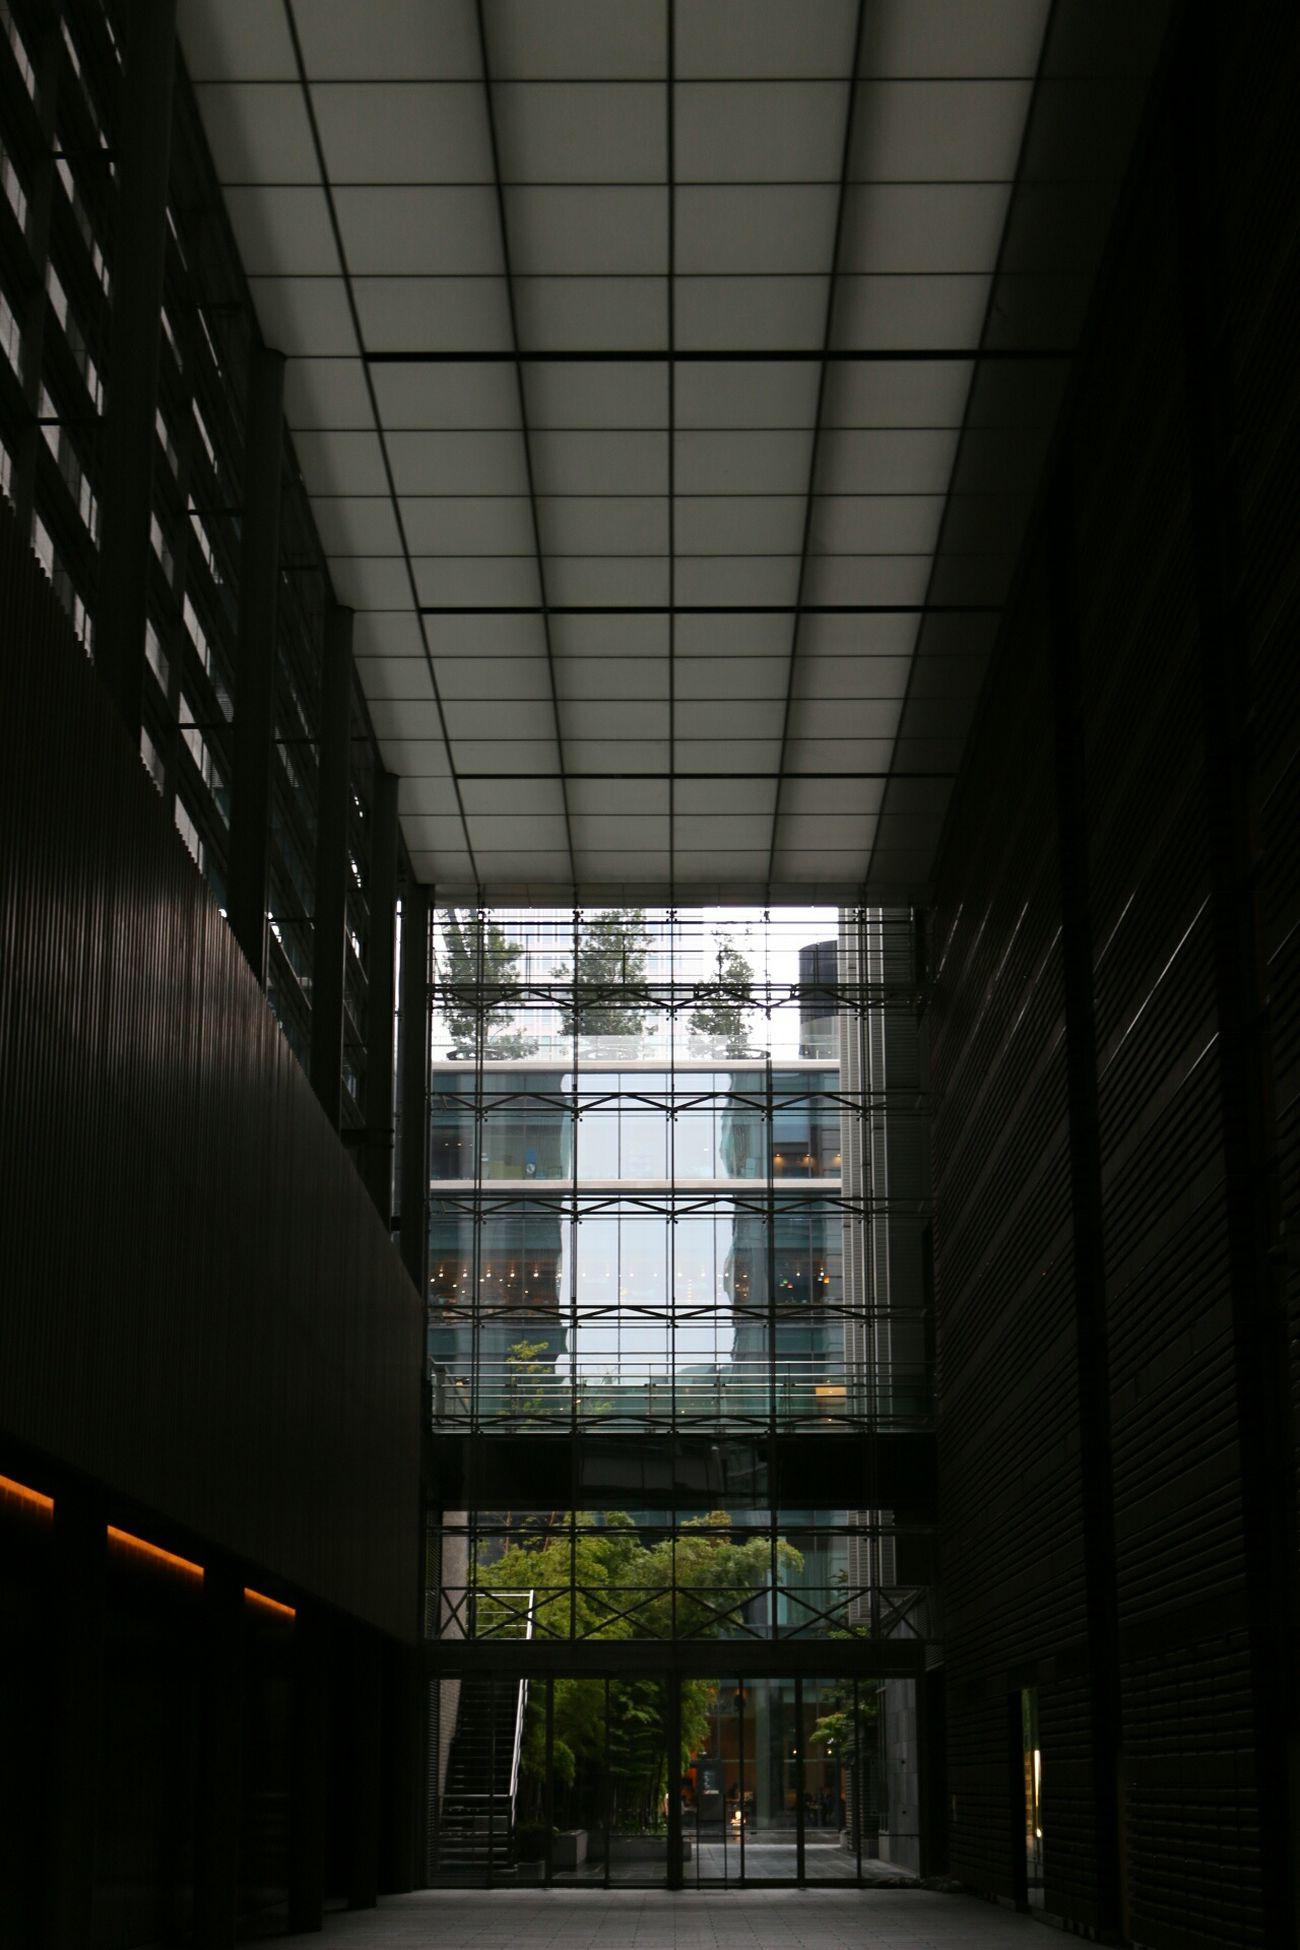 Tokyo,Japan とぼとぼ ぶらぶら Walkwalk ひとりぽつ~ん Time Stop